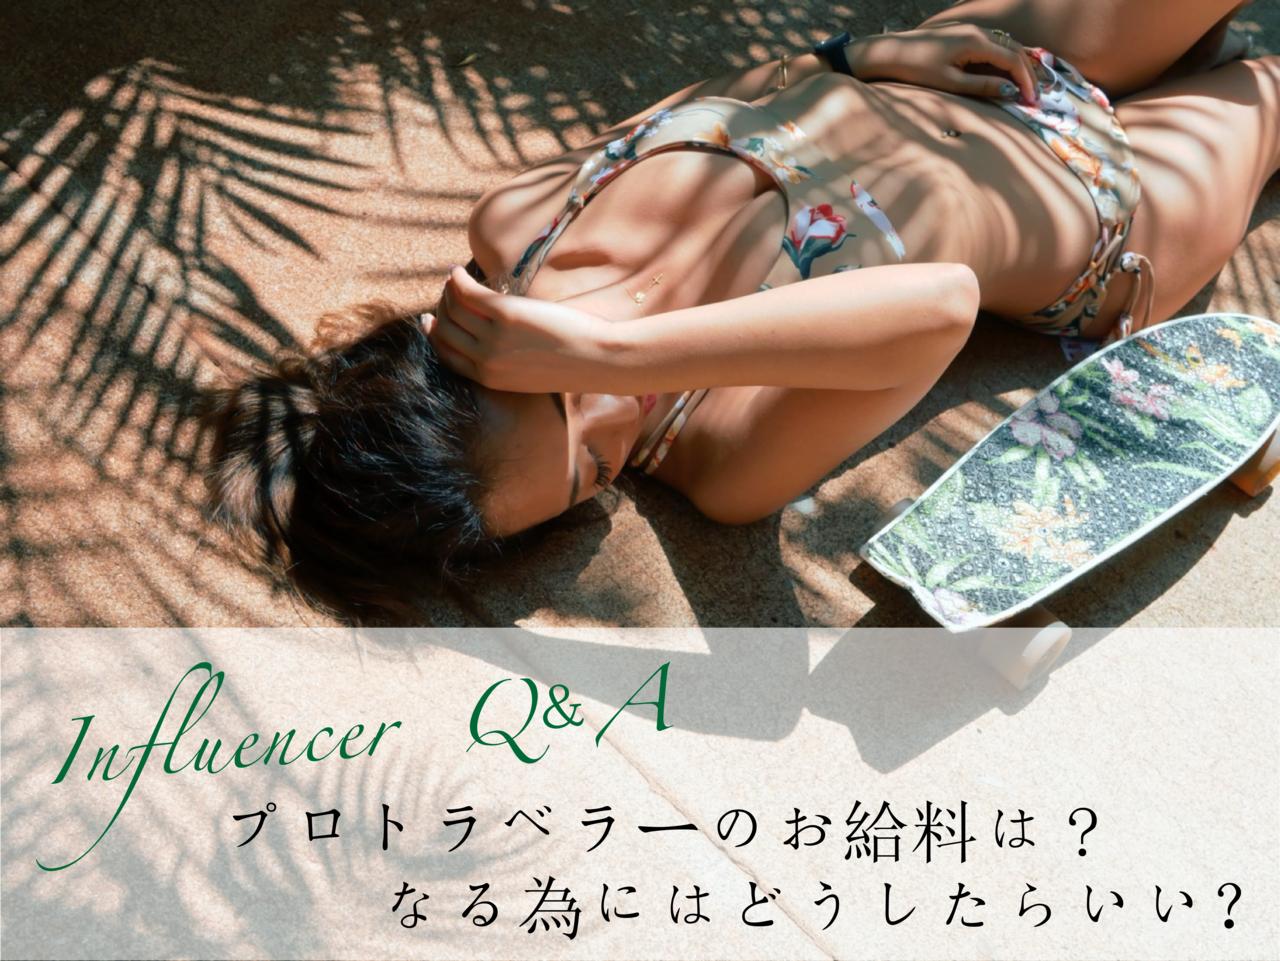 「プロトラベラーのお給料は?なる為にはどうしたらいい?」中嶋杏理 Influencer girl - BLANCA